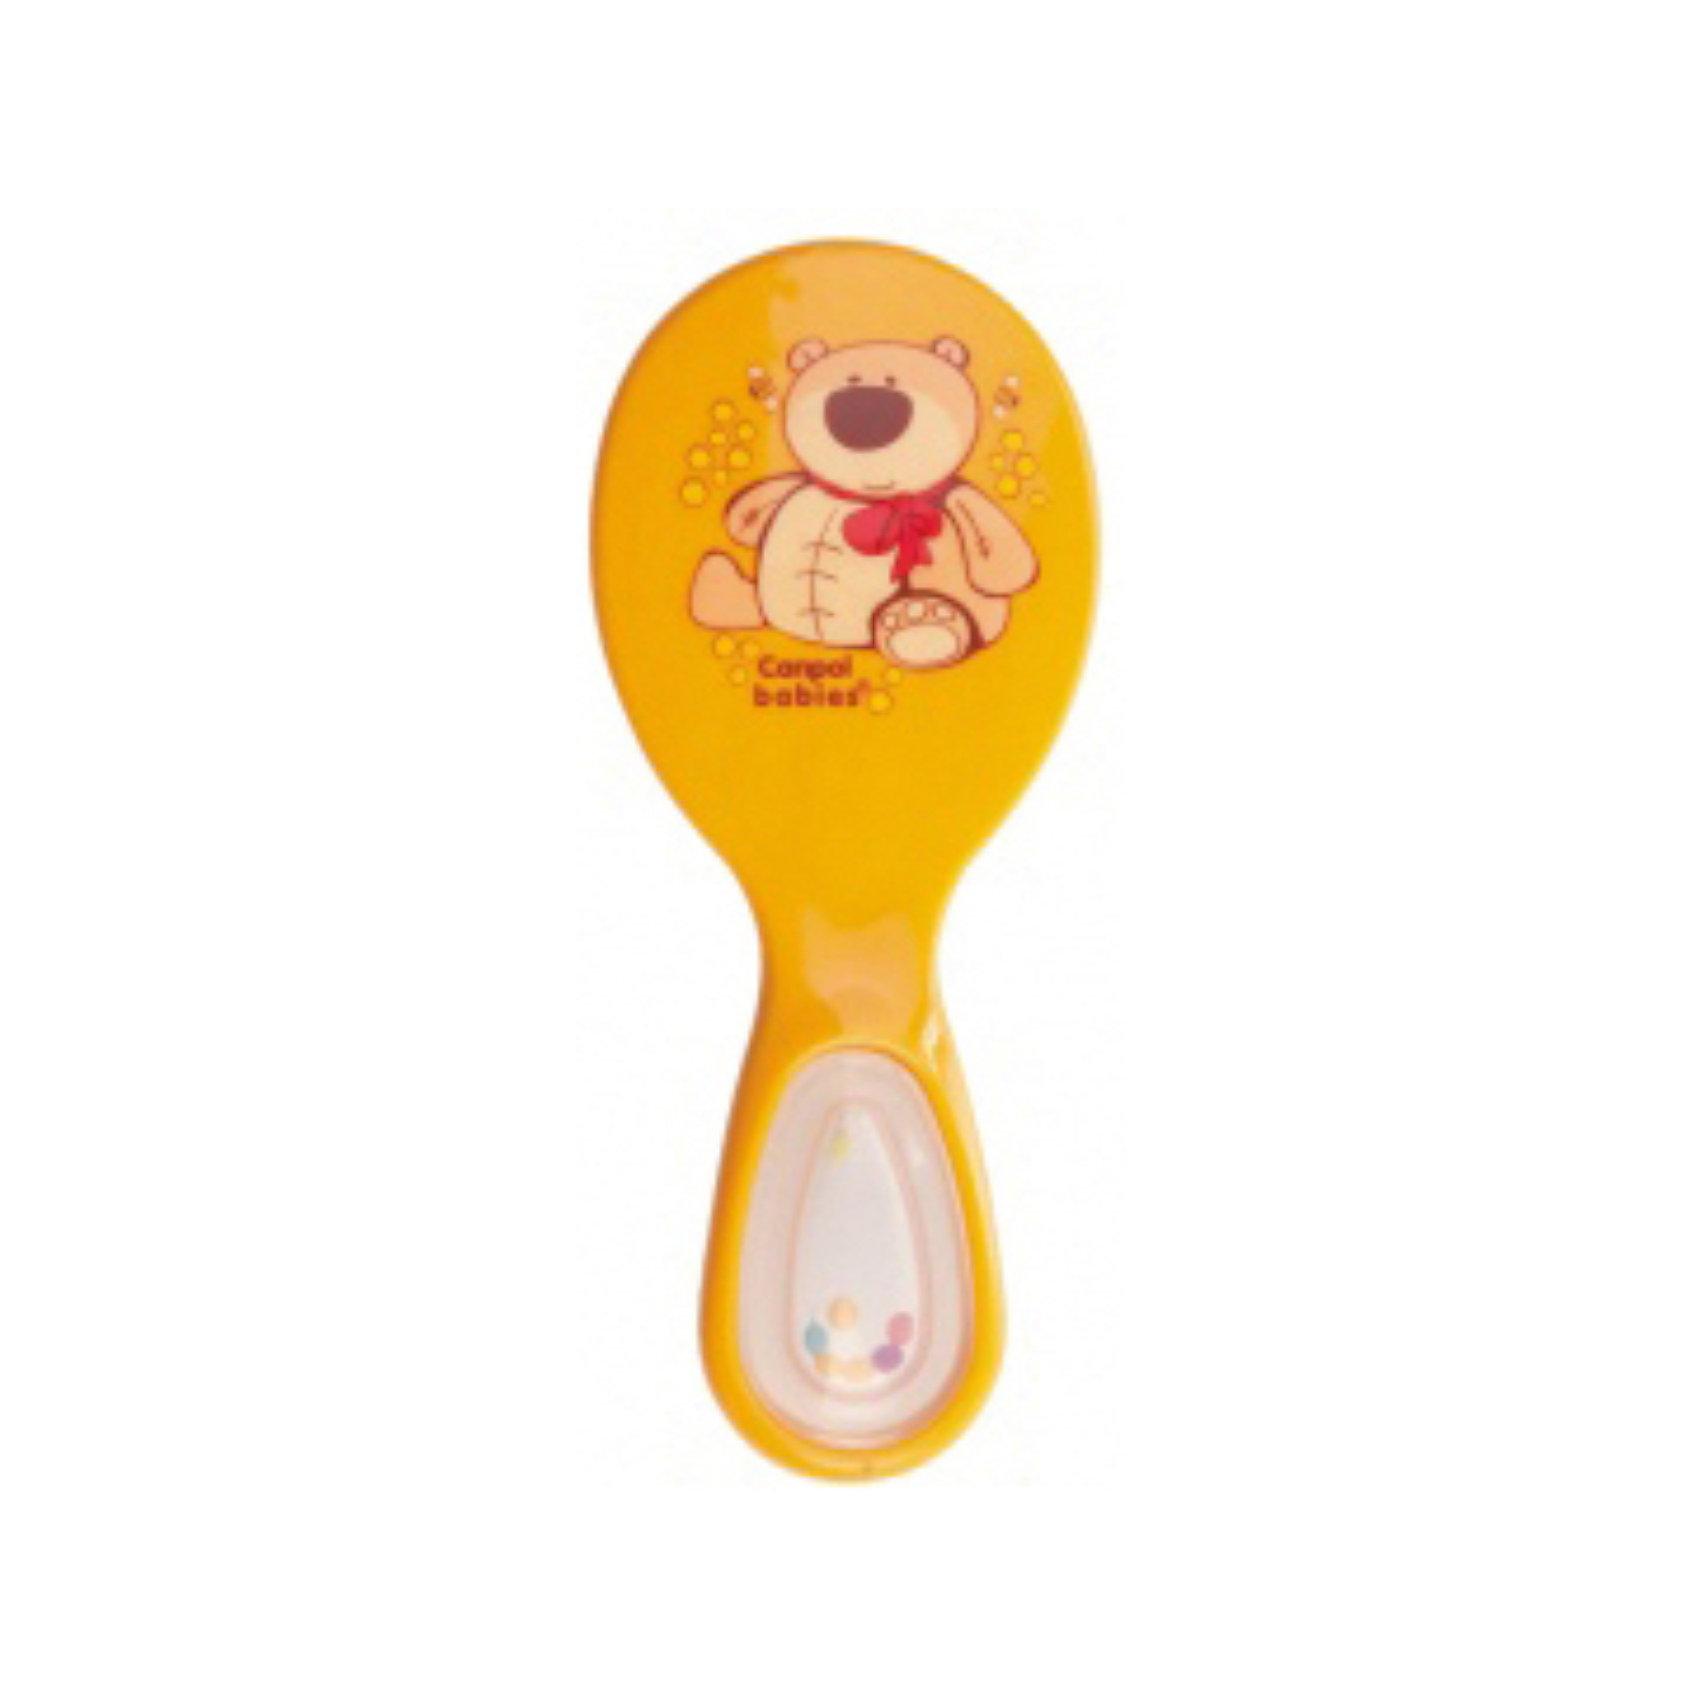 Щётка и расческа, Canpol Babies, оранжевый